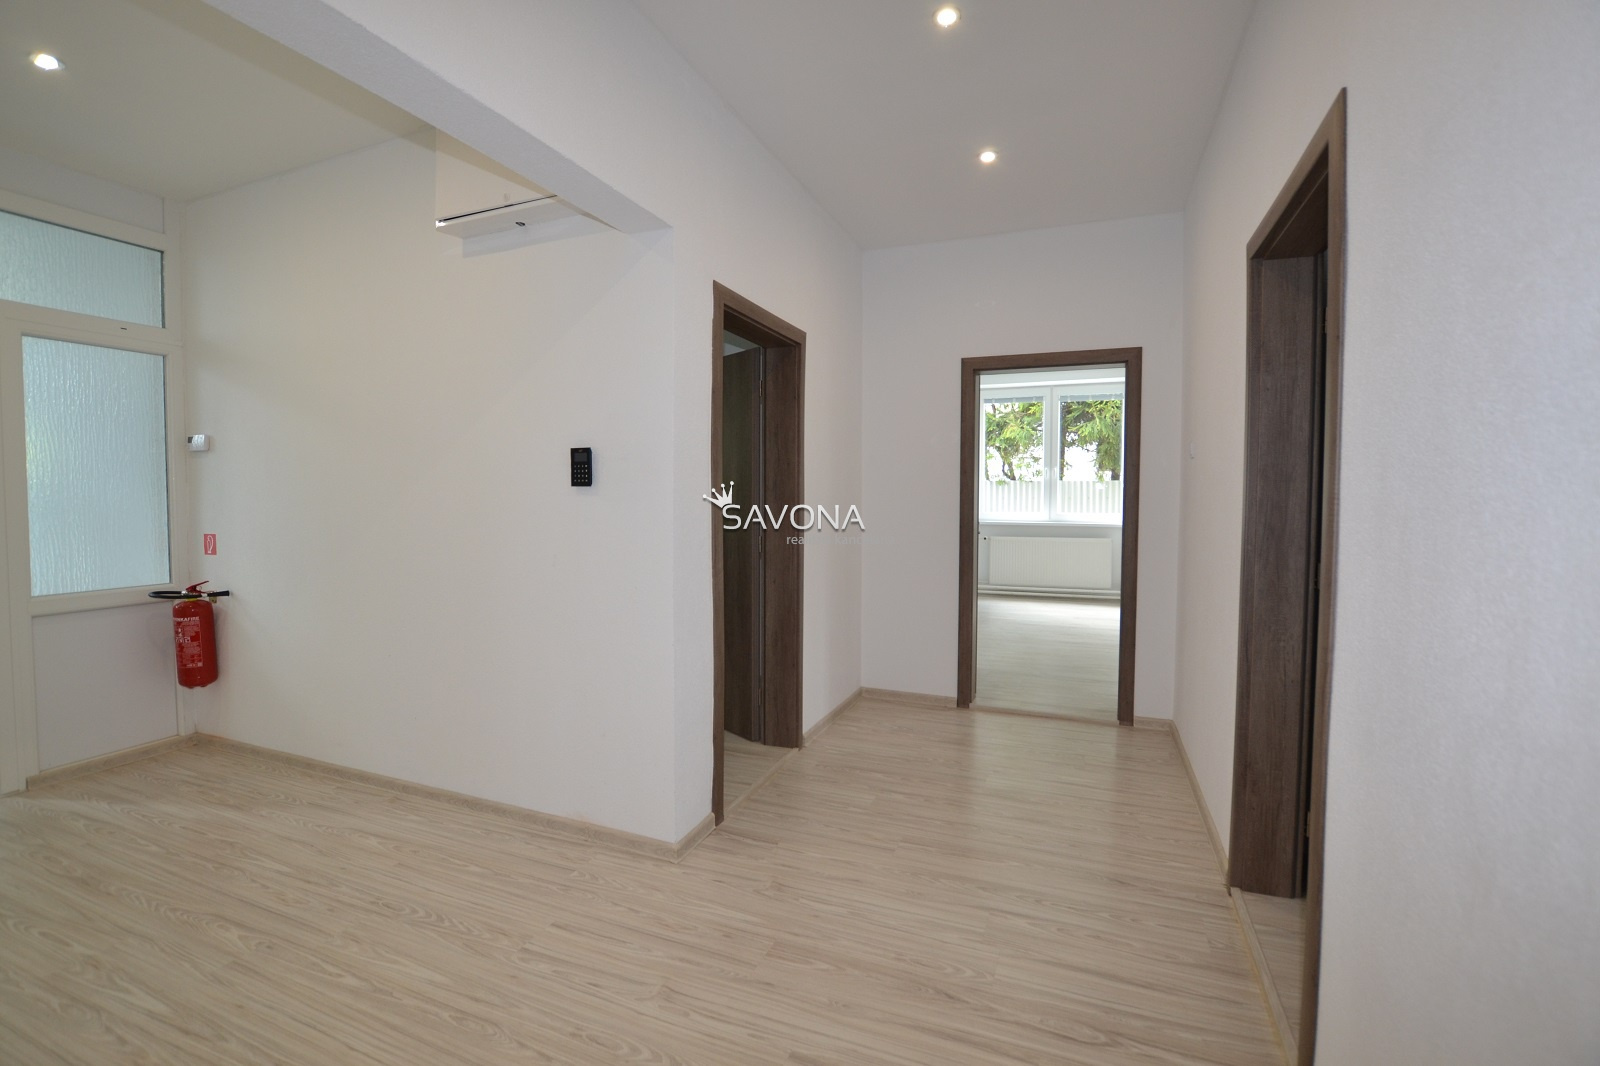 PRENÁJOM kancelárskych priestorov - 99,24 m2 - 1. podlažie